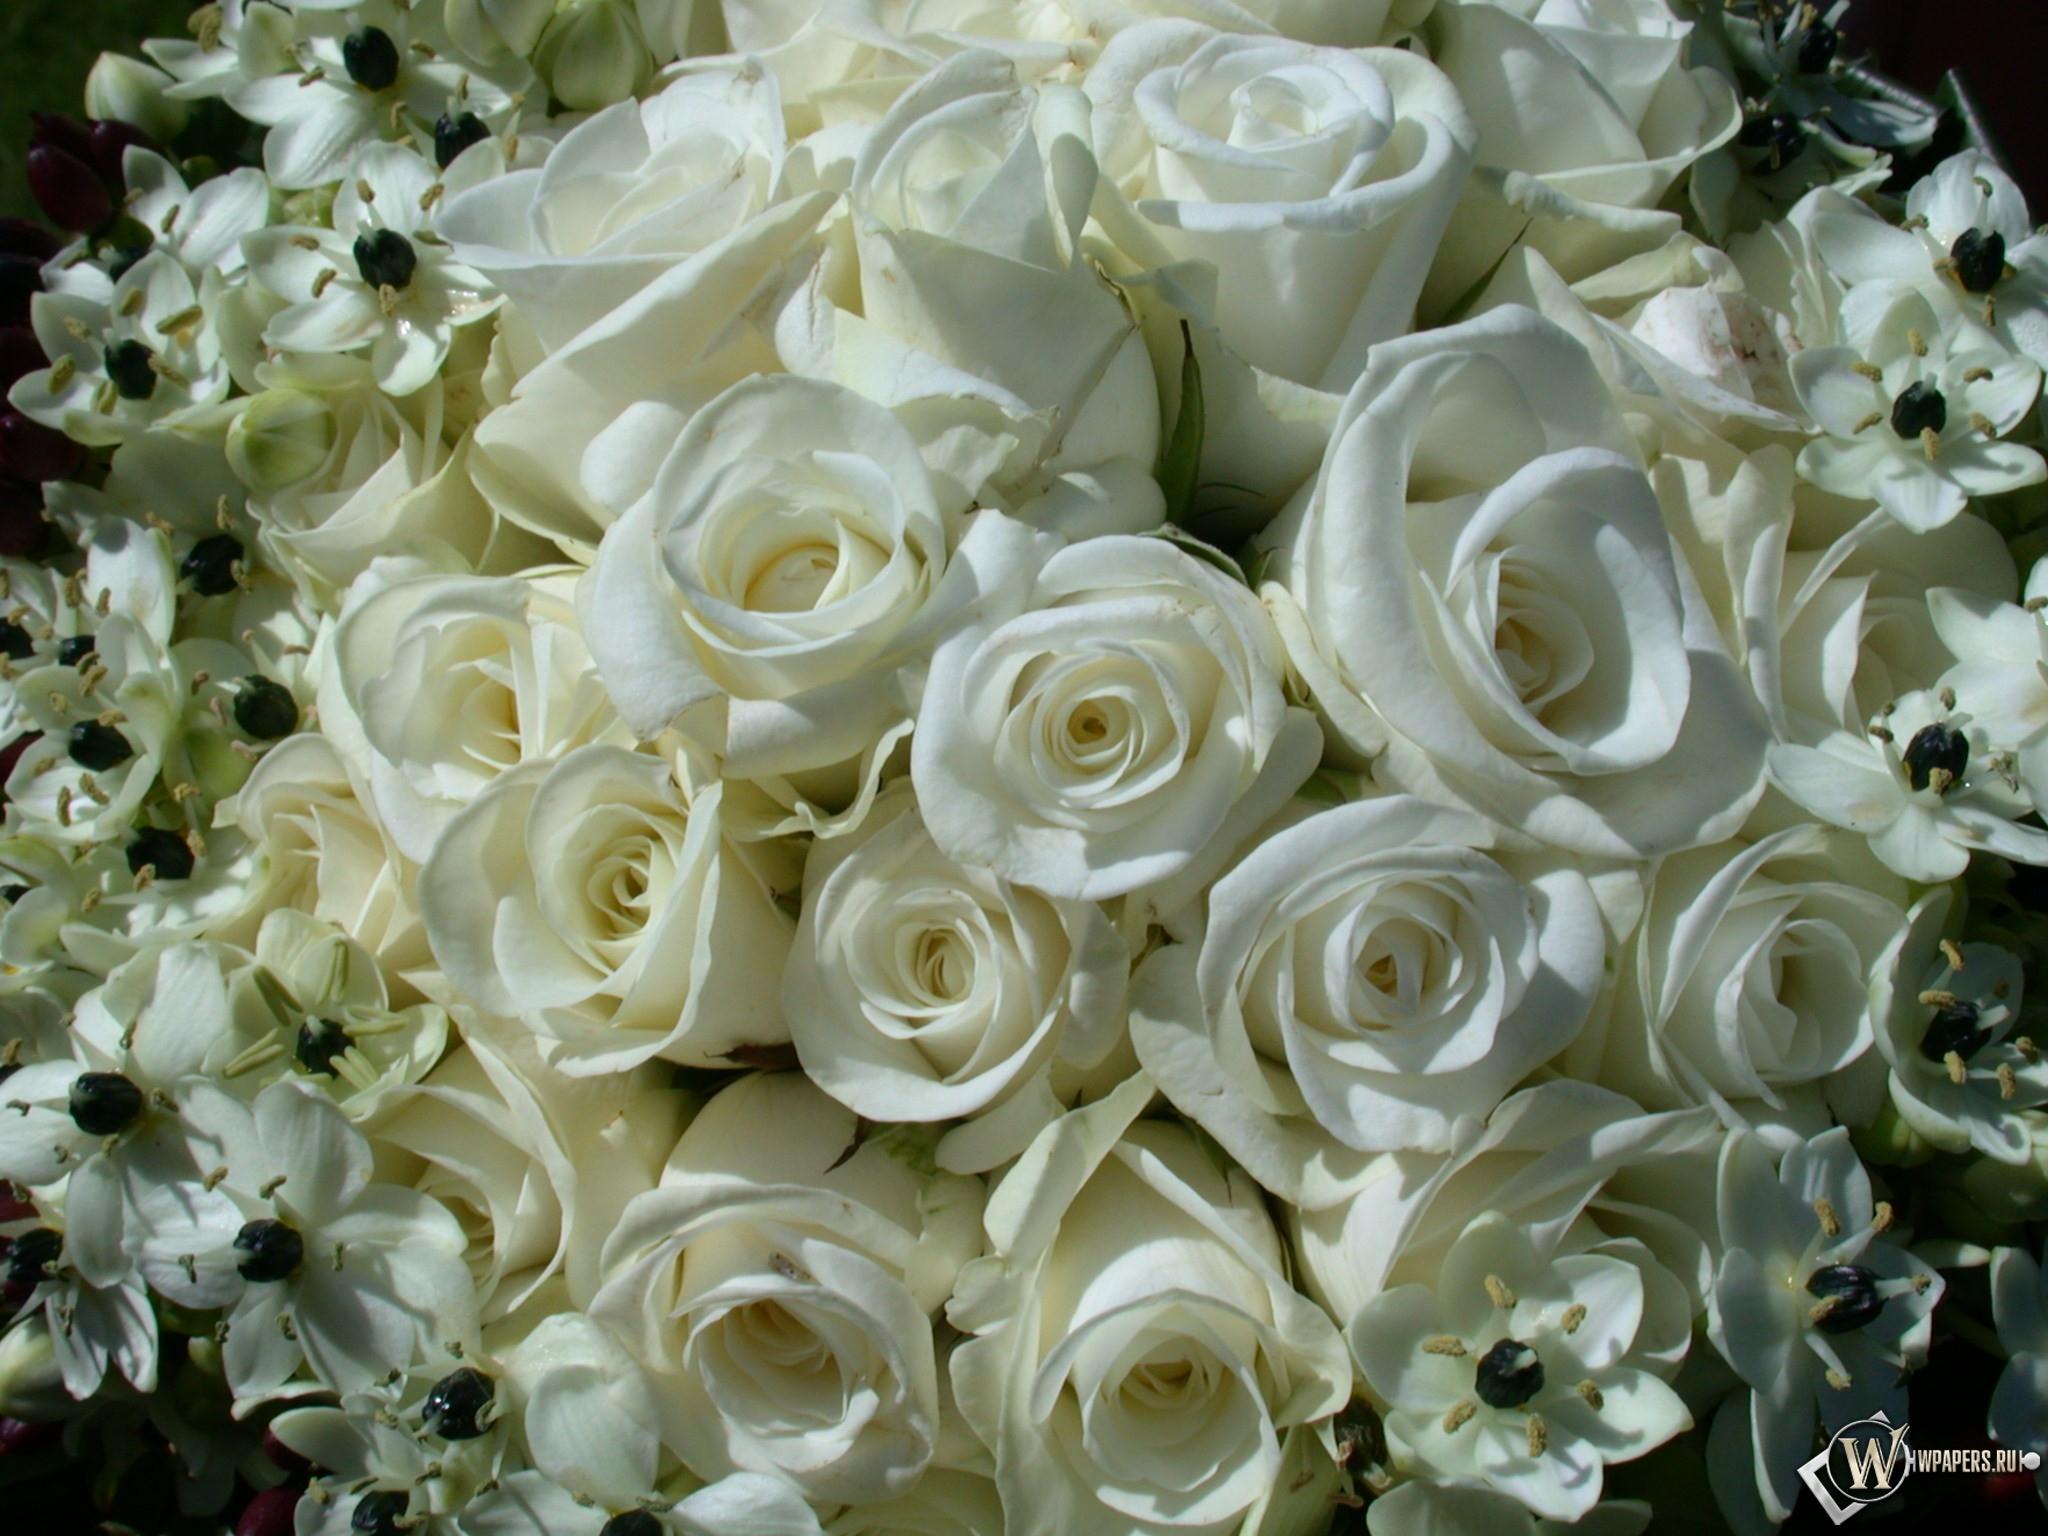 White Roses 2048x1536